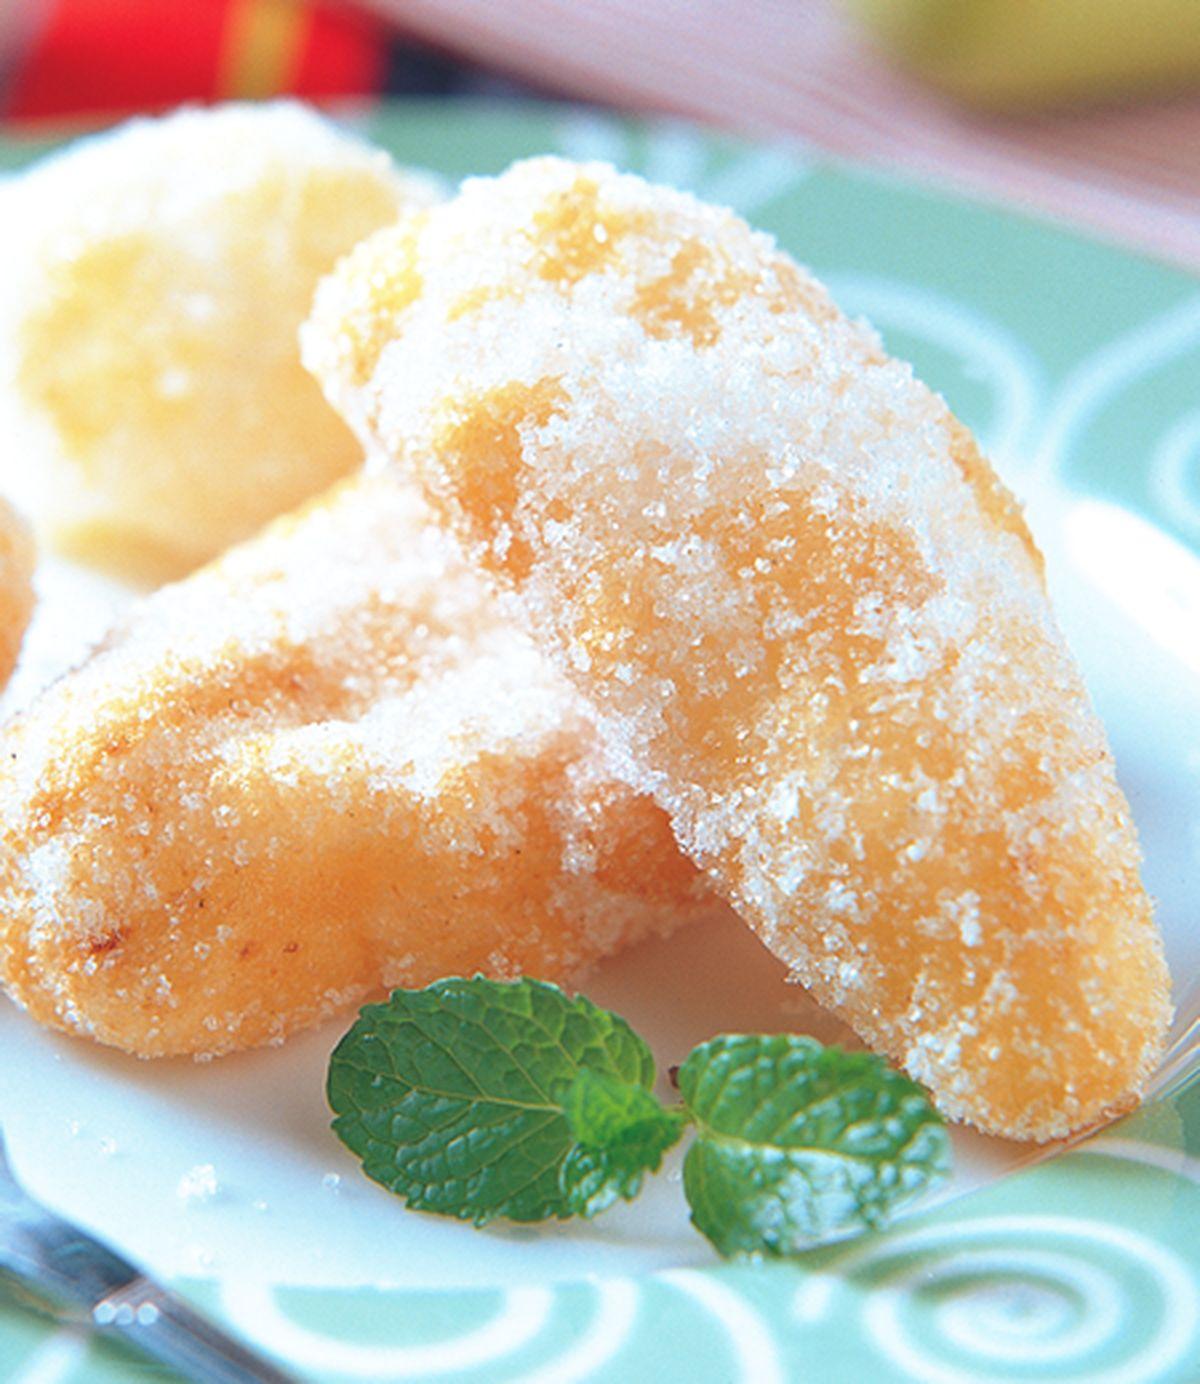 食譜:米麻薯多拿滋